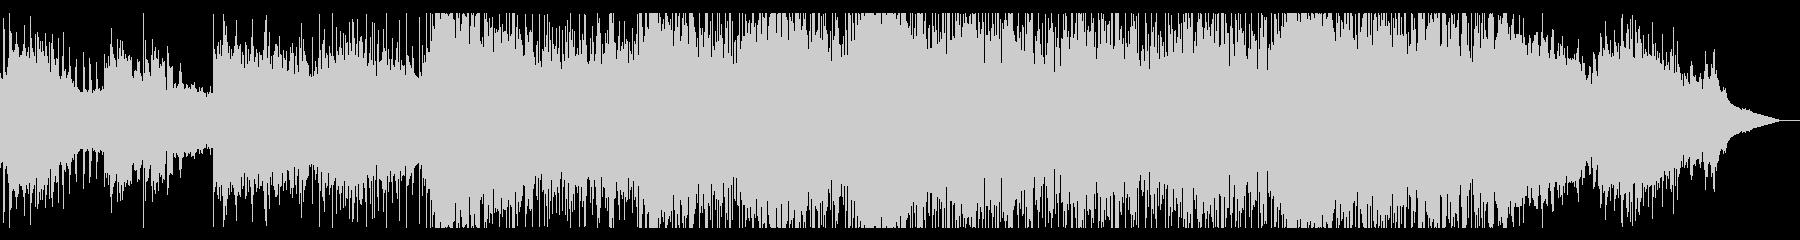 捻れてビープなテクスチャIDMの未再生の波形